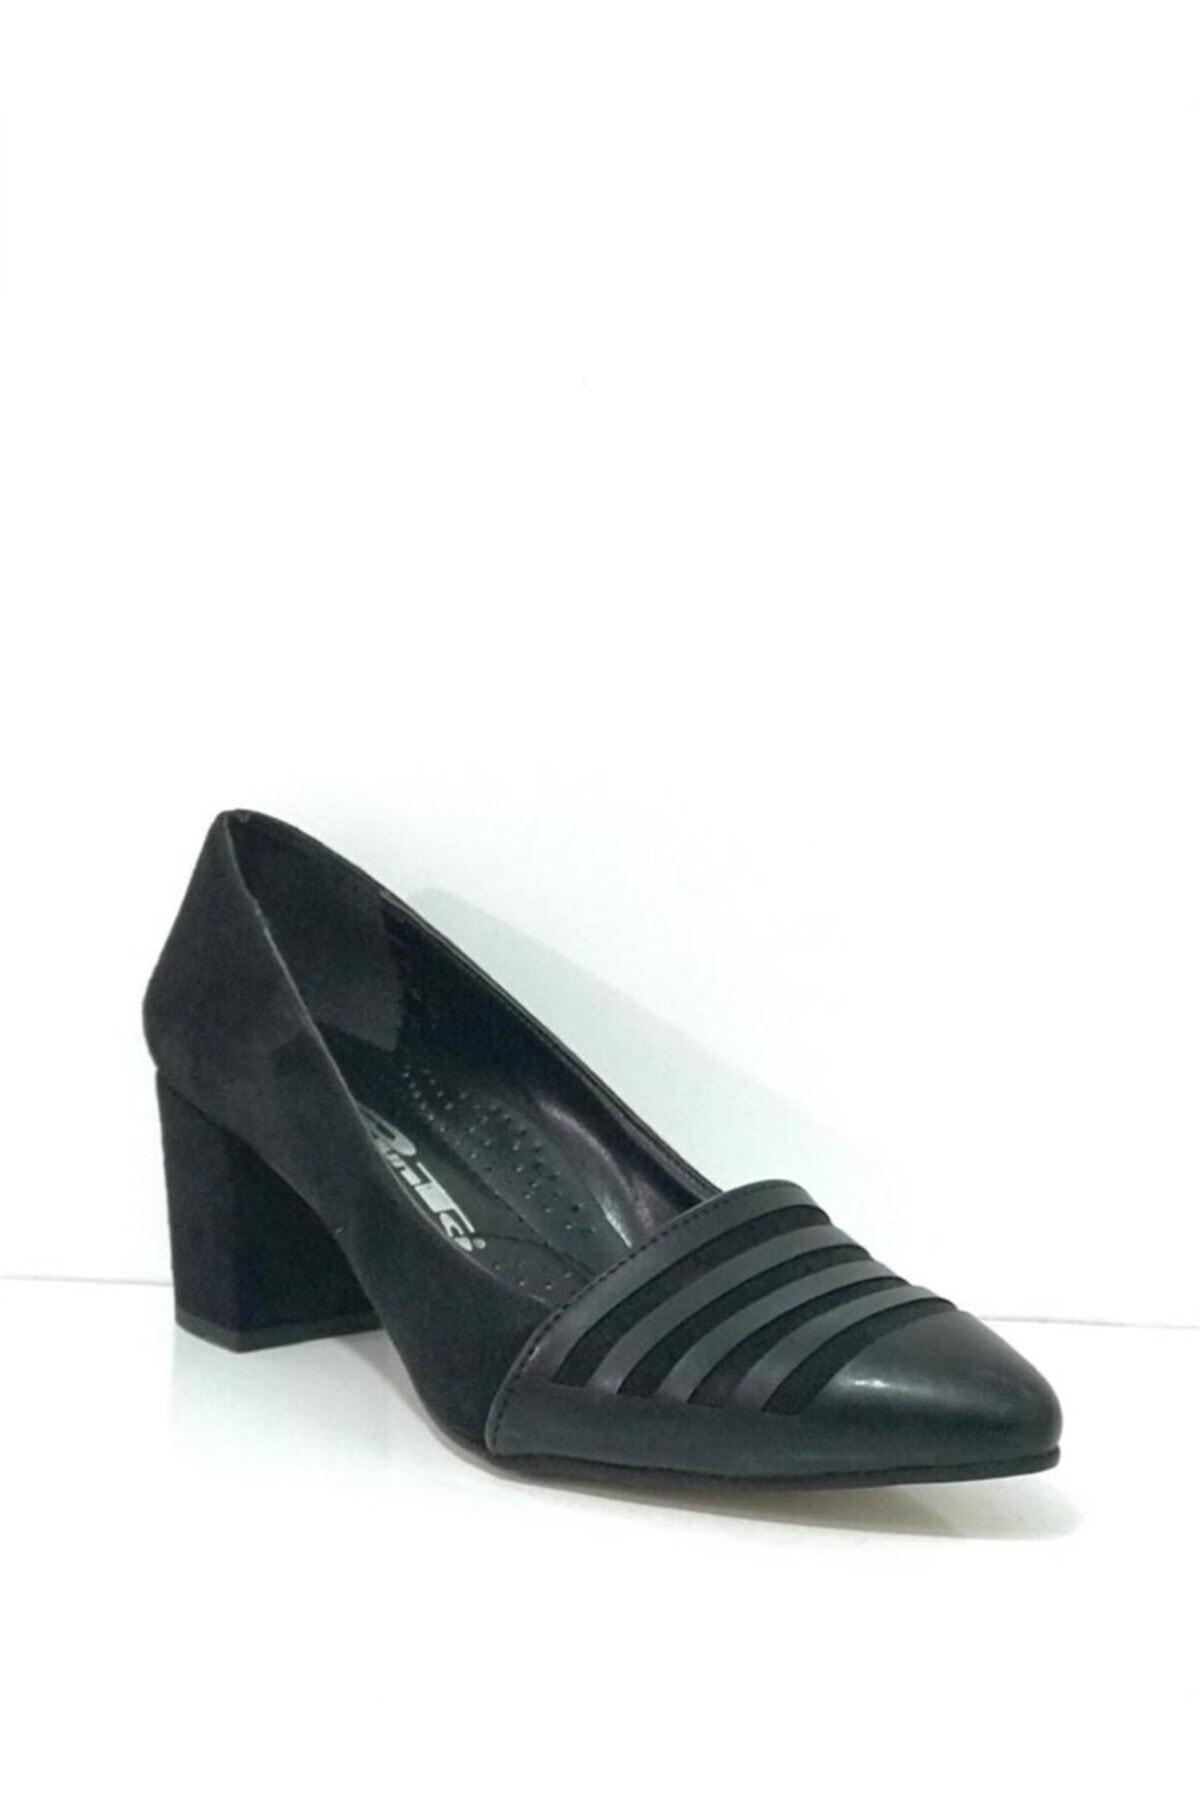 PUNTO Kadın Topuklu Ayakkabı 386019